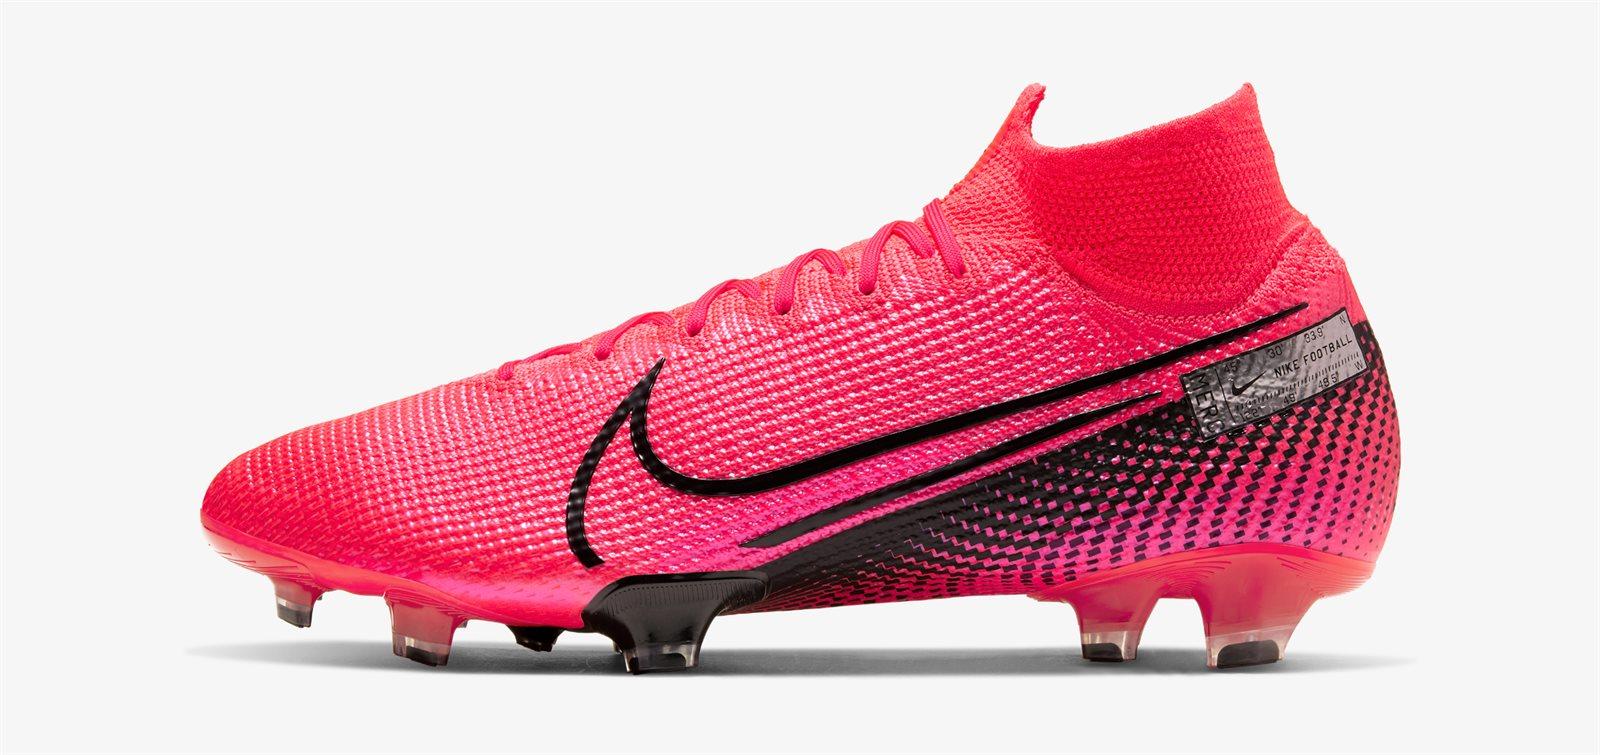 Giày Nike cao cổ Mercurial Superfly VII với da vải flyknit có trọng lượng rất nhẹ